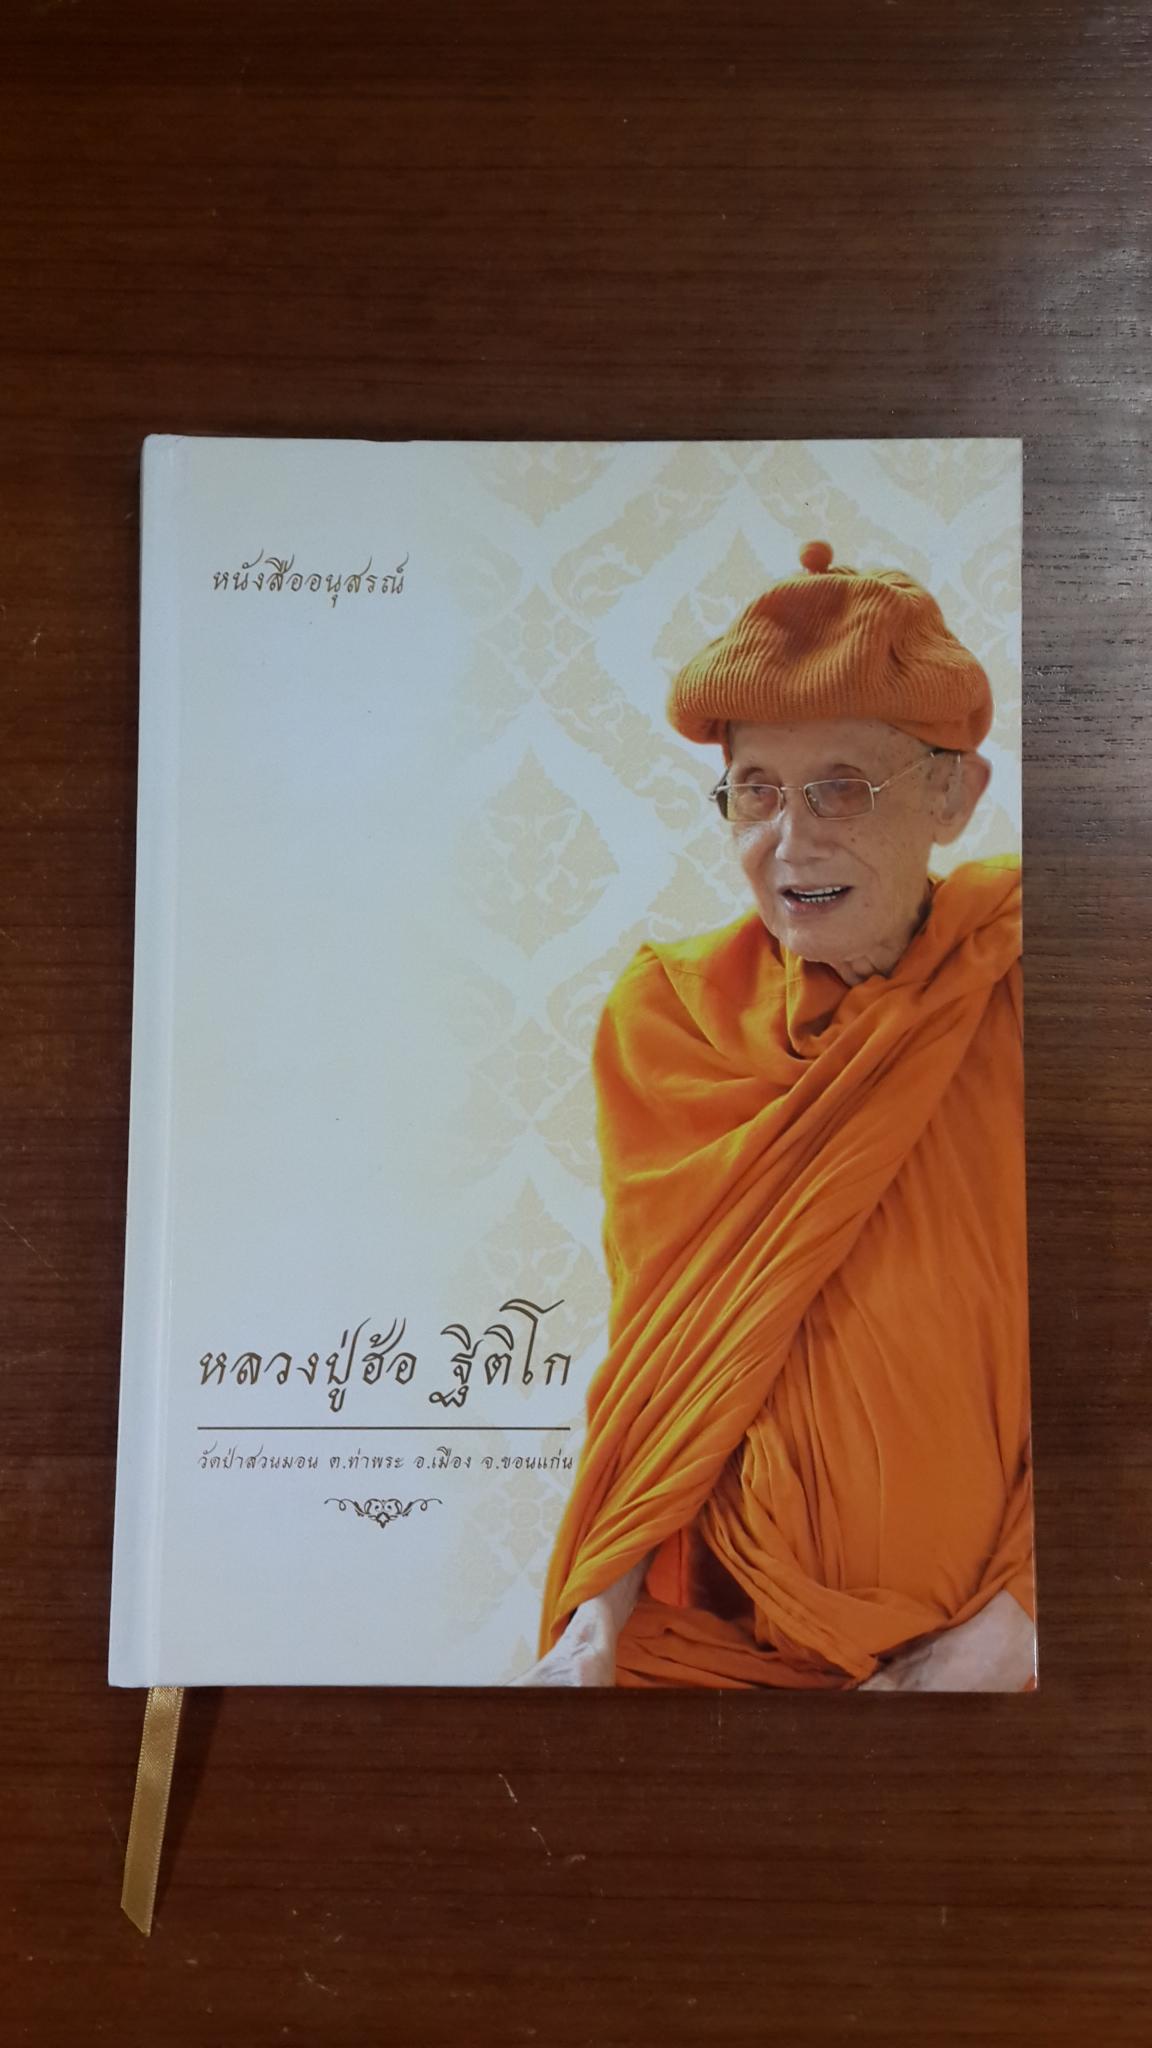 หนังสืออนุสรณ์ หลวงปู่ฮ้อ ฐิติโก วัดป่าสวนมอน จ.ขอนแก่น